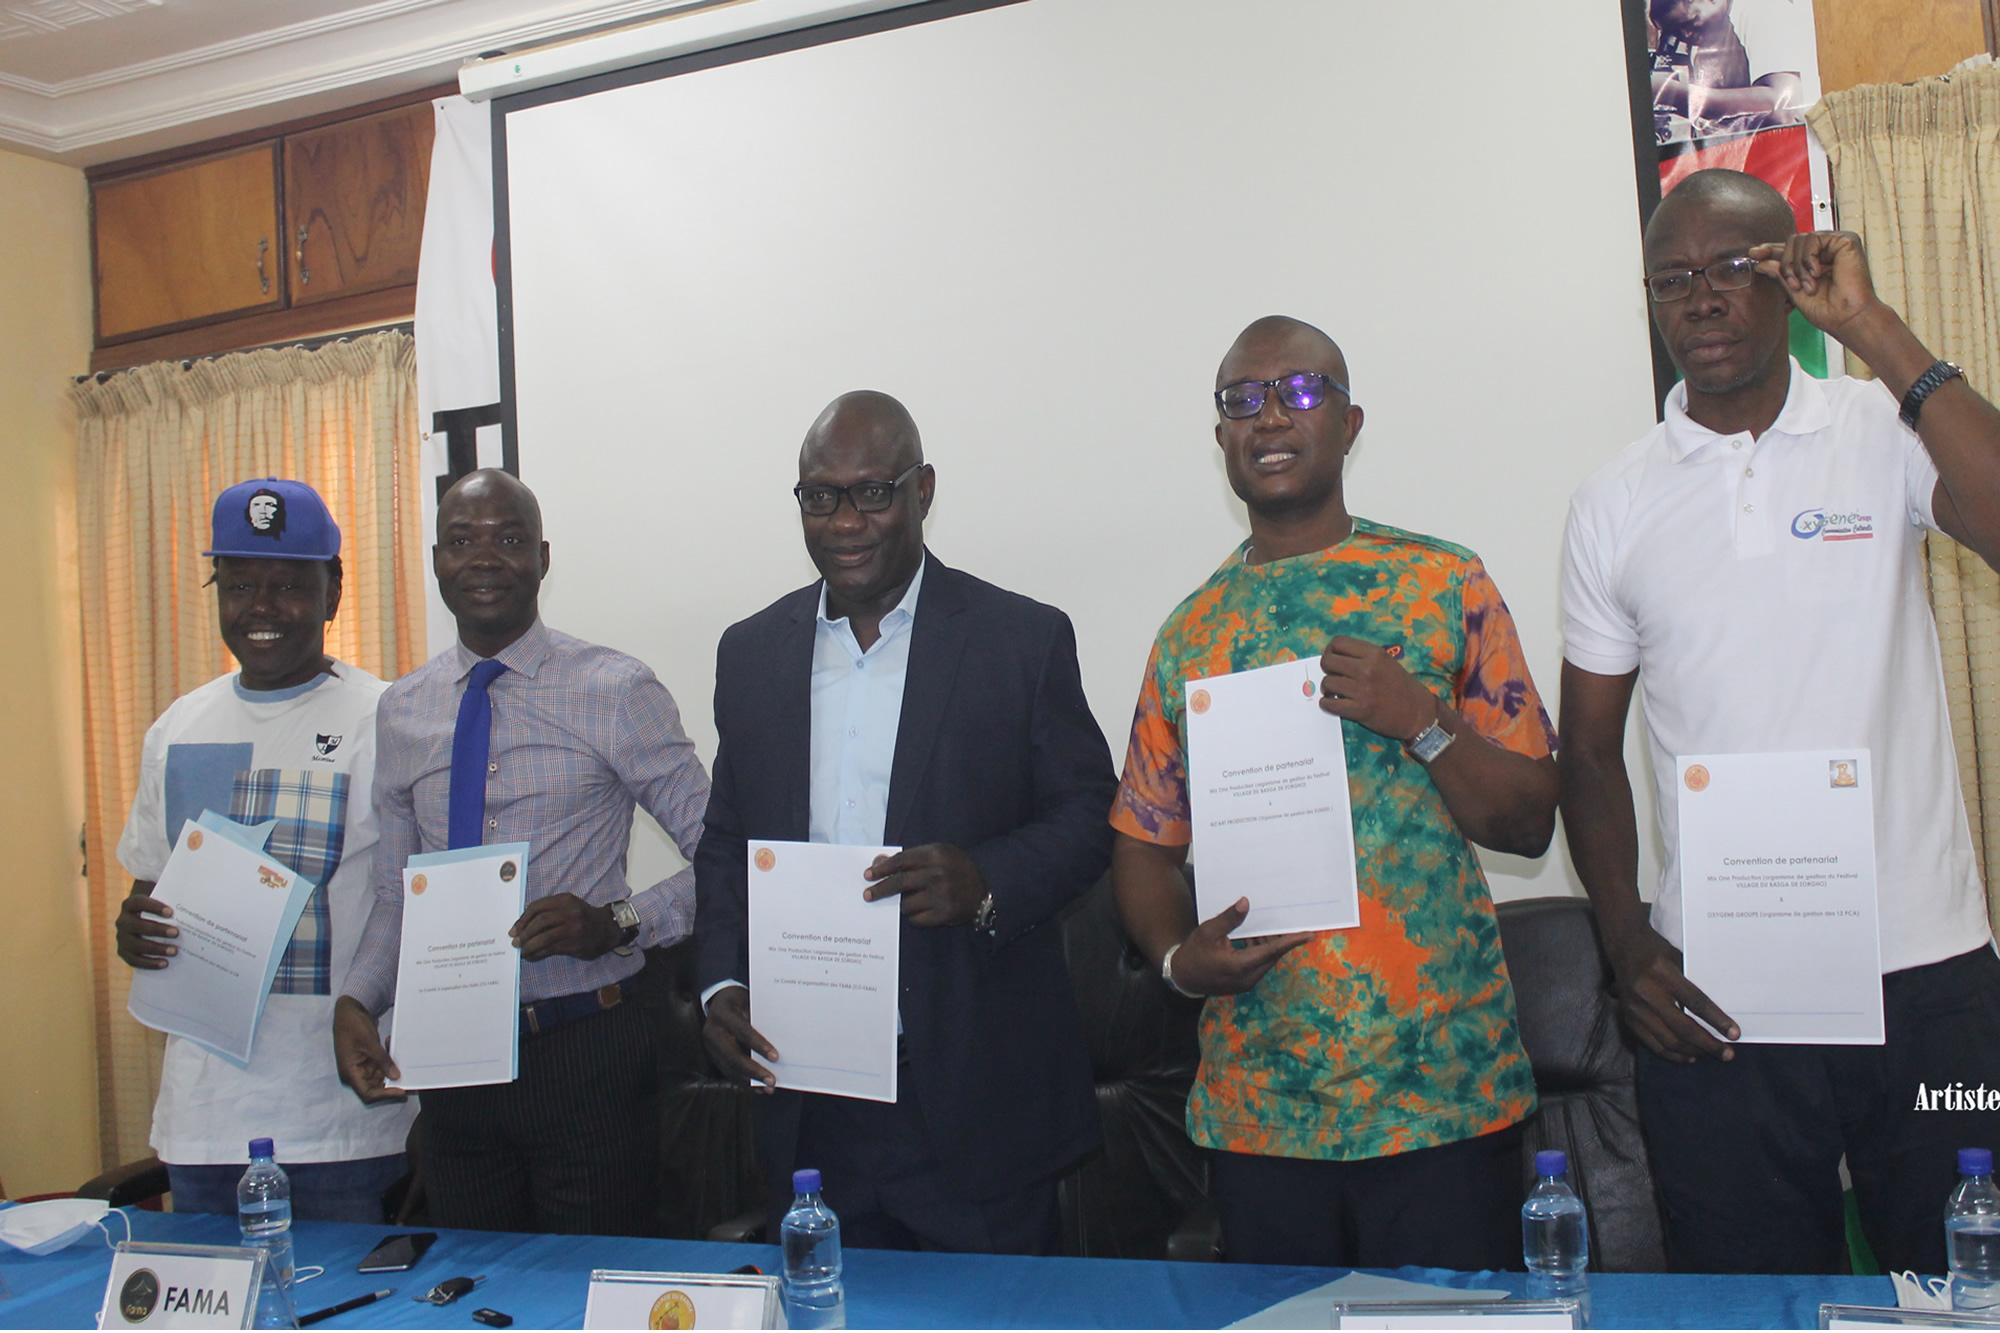 Promotion des artistes Burkinabè : Le Festival village du BASGA signe une convention de partenariat avec 4 grandes cérémonies de distinction burkinabè